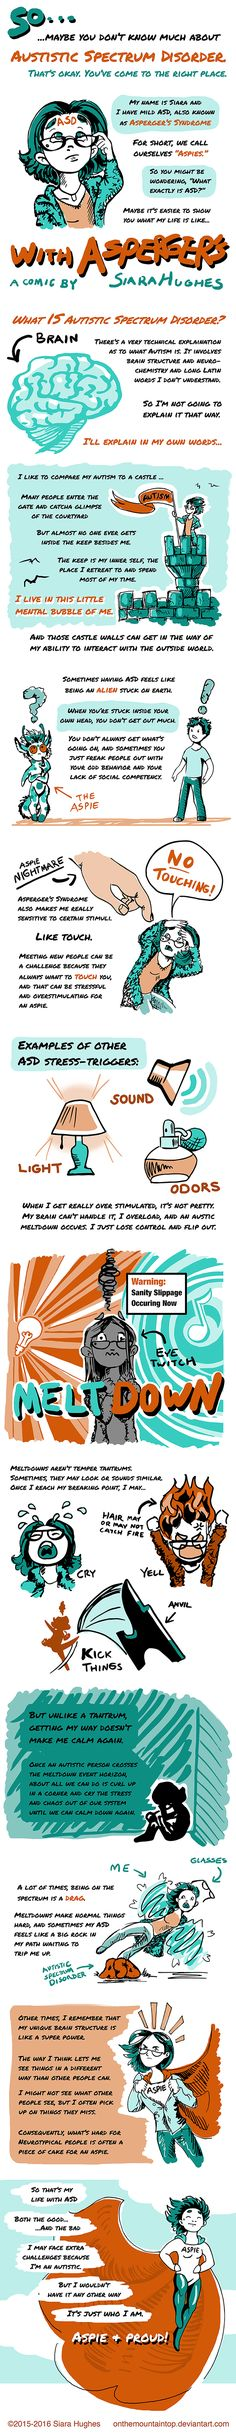 My Life with Asperger's by OnTheMountainTop.deviantart.com on @DeviantArt